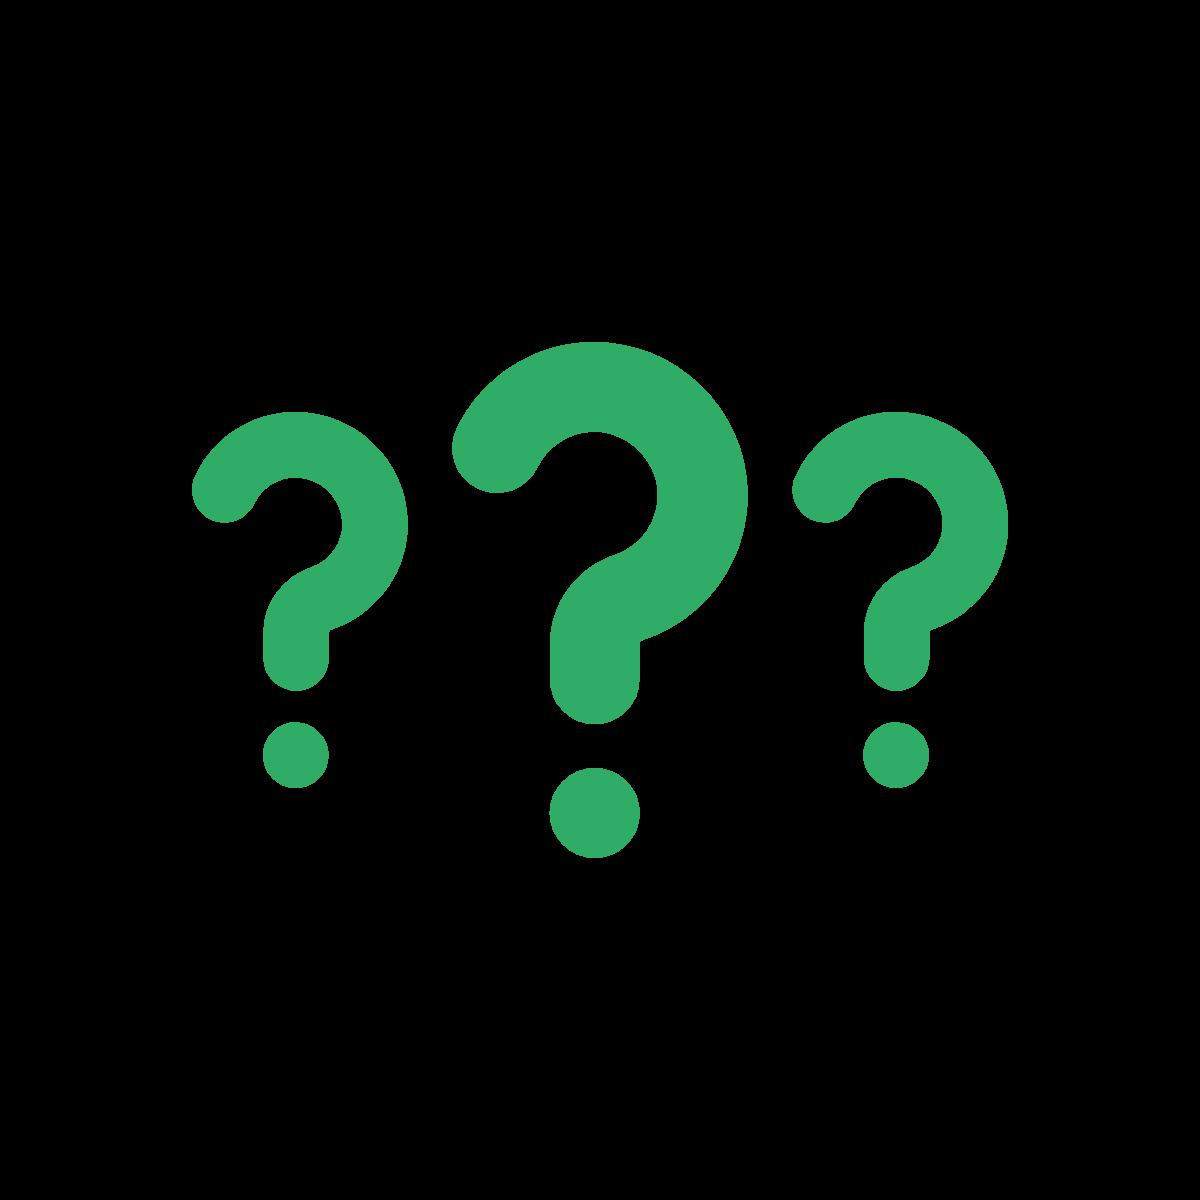 noun_questions_670405